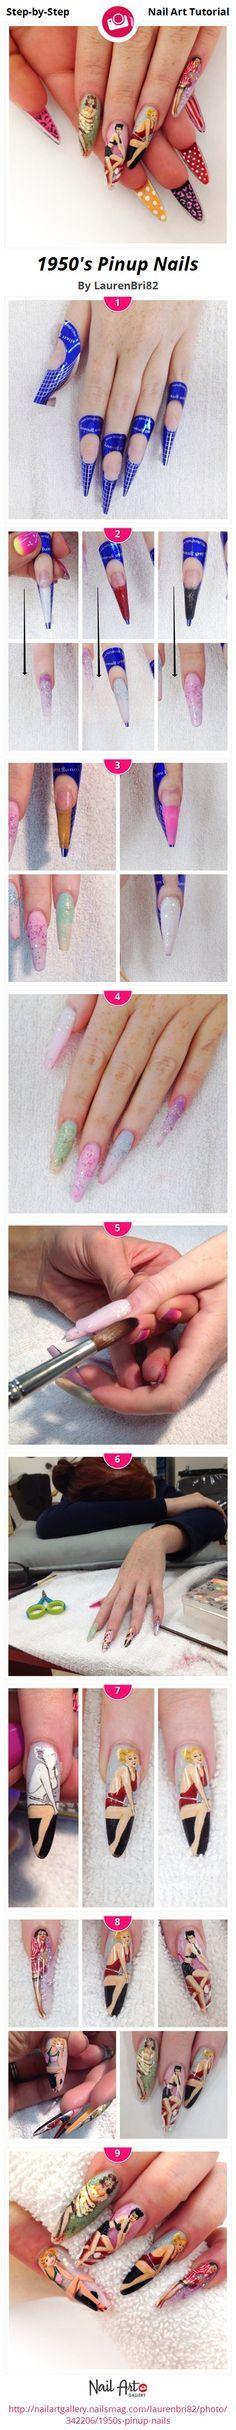 1950's Pinup Nails by LaurenBri82 - Nail Art Gallery Step-by-Step Tutorials nailartgallery.na... by Nails Magazine www.nailsmag.com #nailart